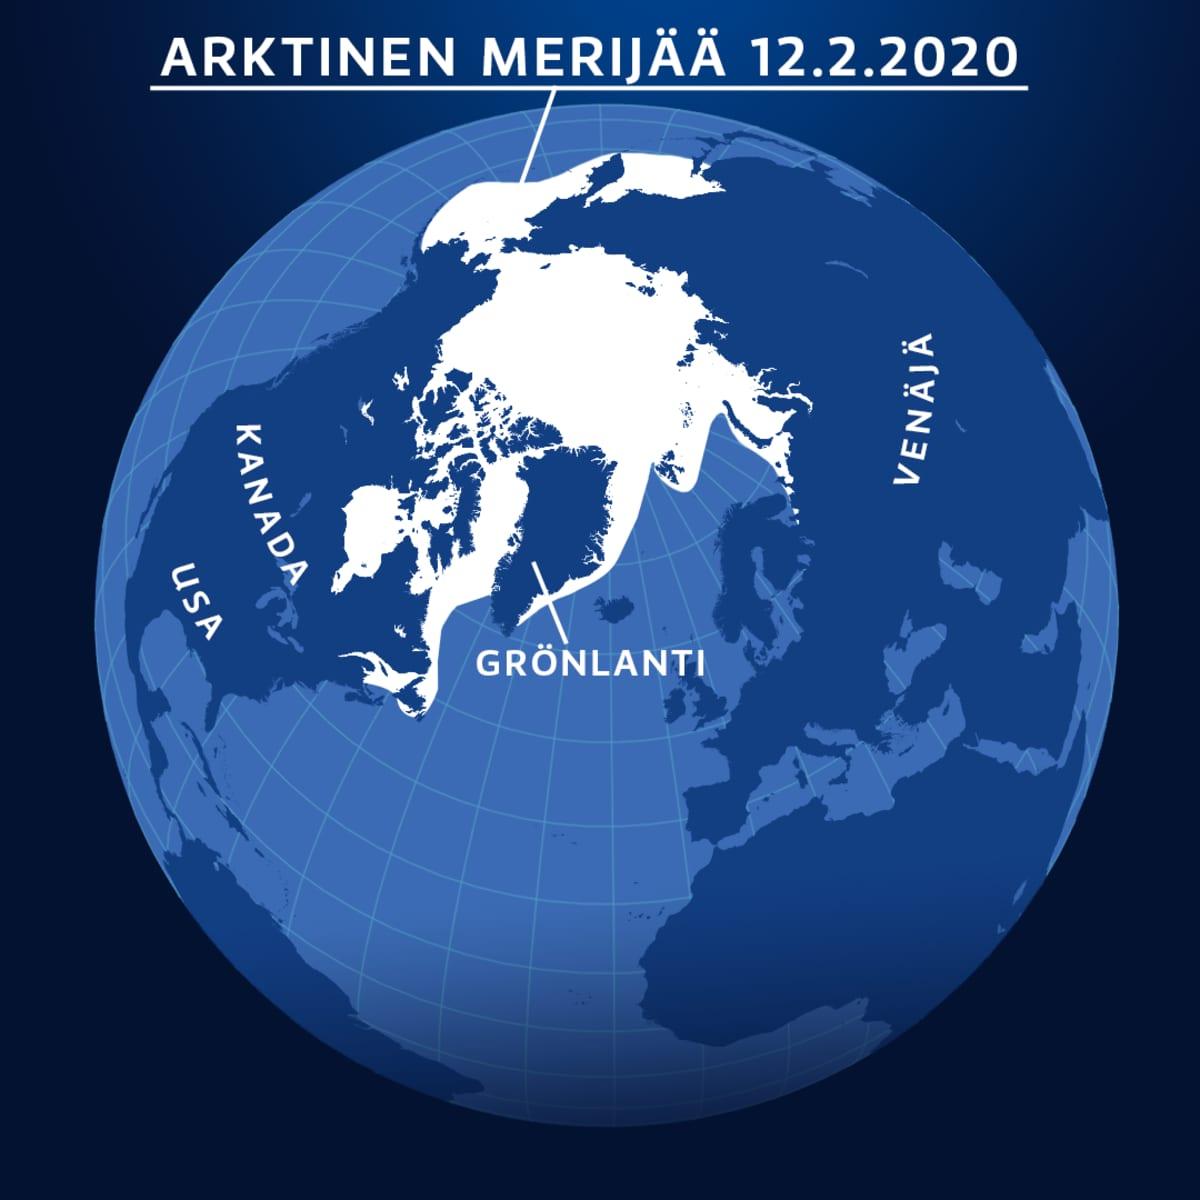 Arktisen merijään laajuus 12.2.2020